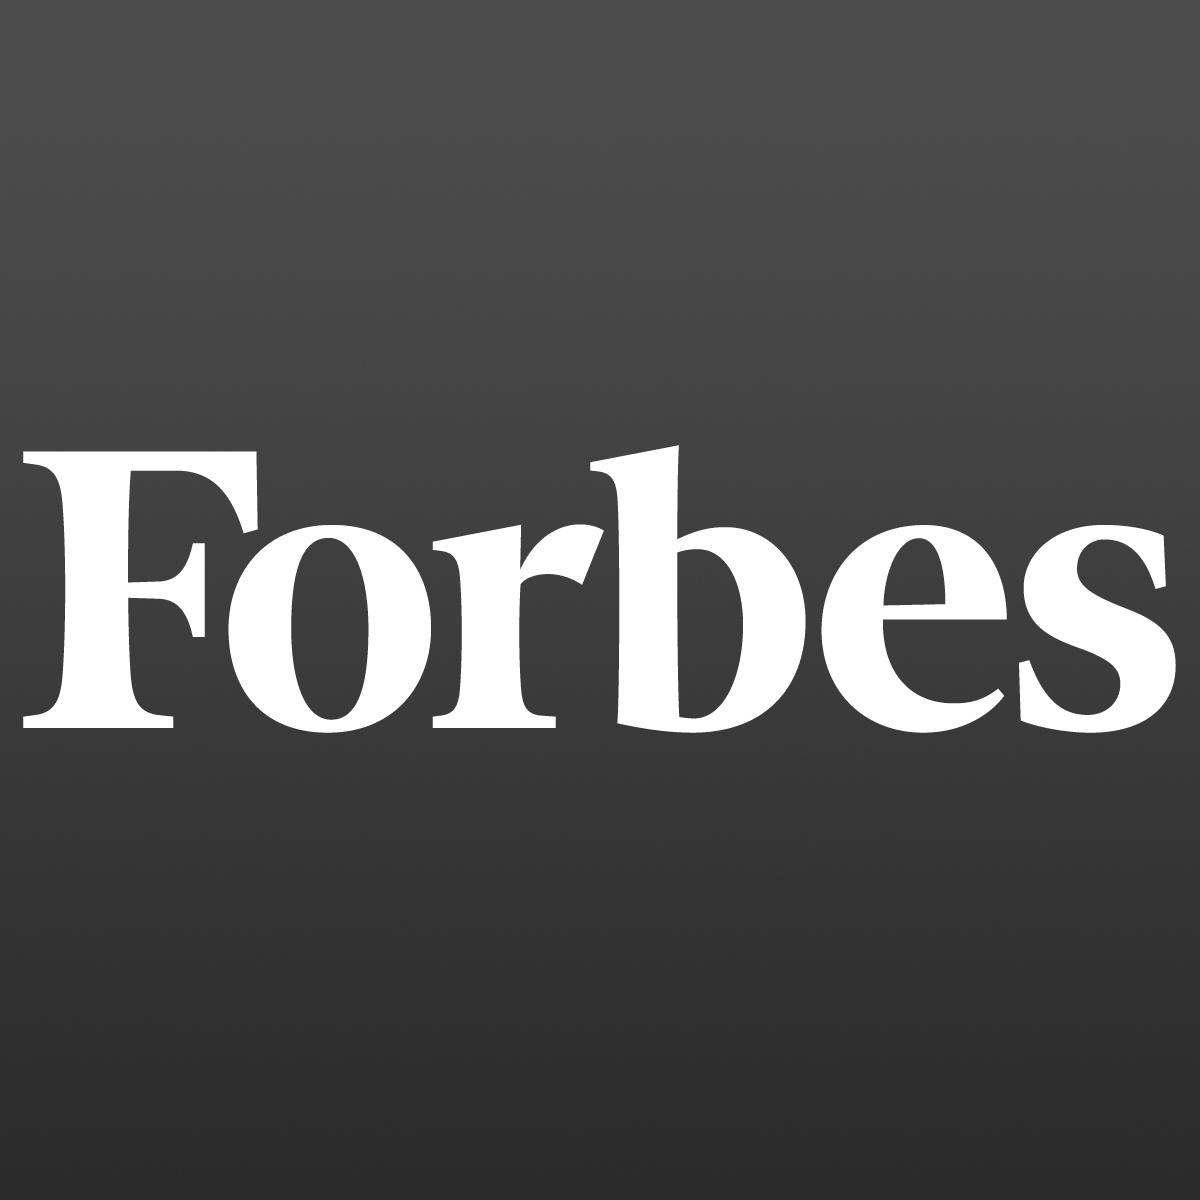 """Forbes.pl – innogy/Wojtek Broniatowski – 05 WRZE 17 – 'Jak przezwyciężyć wyzwania stojące przed młodymi firmami, czyli innogy wspiera start-upy"""""""